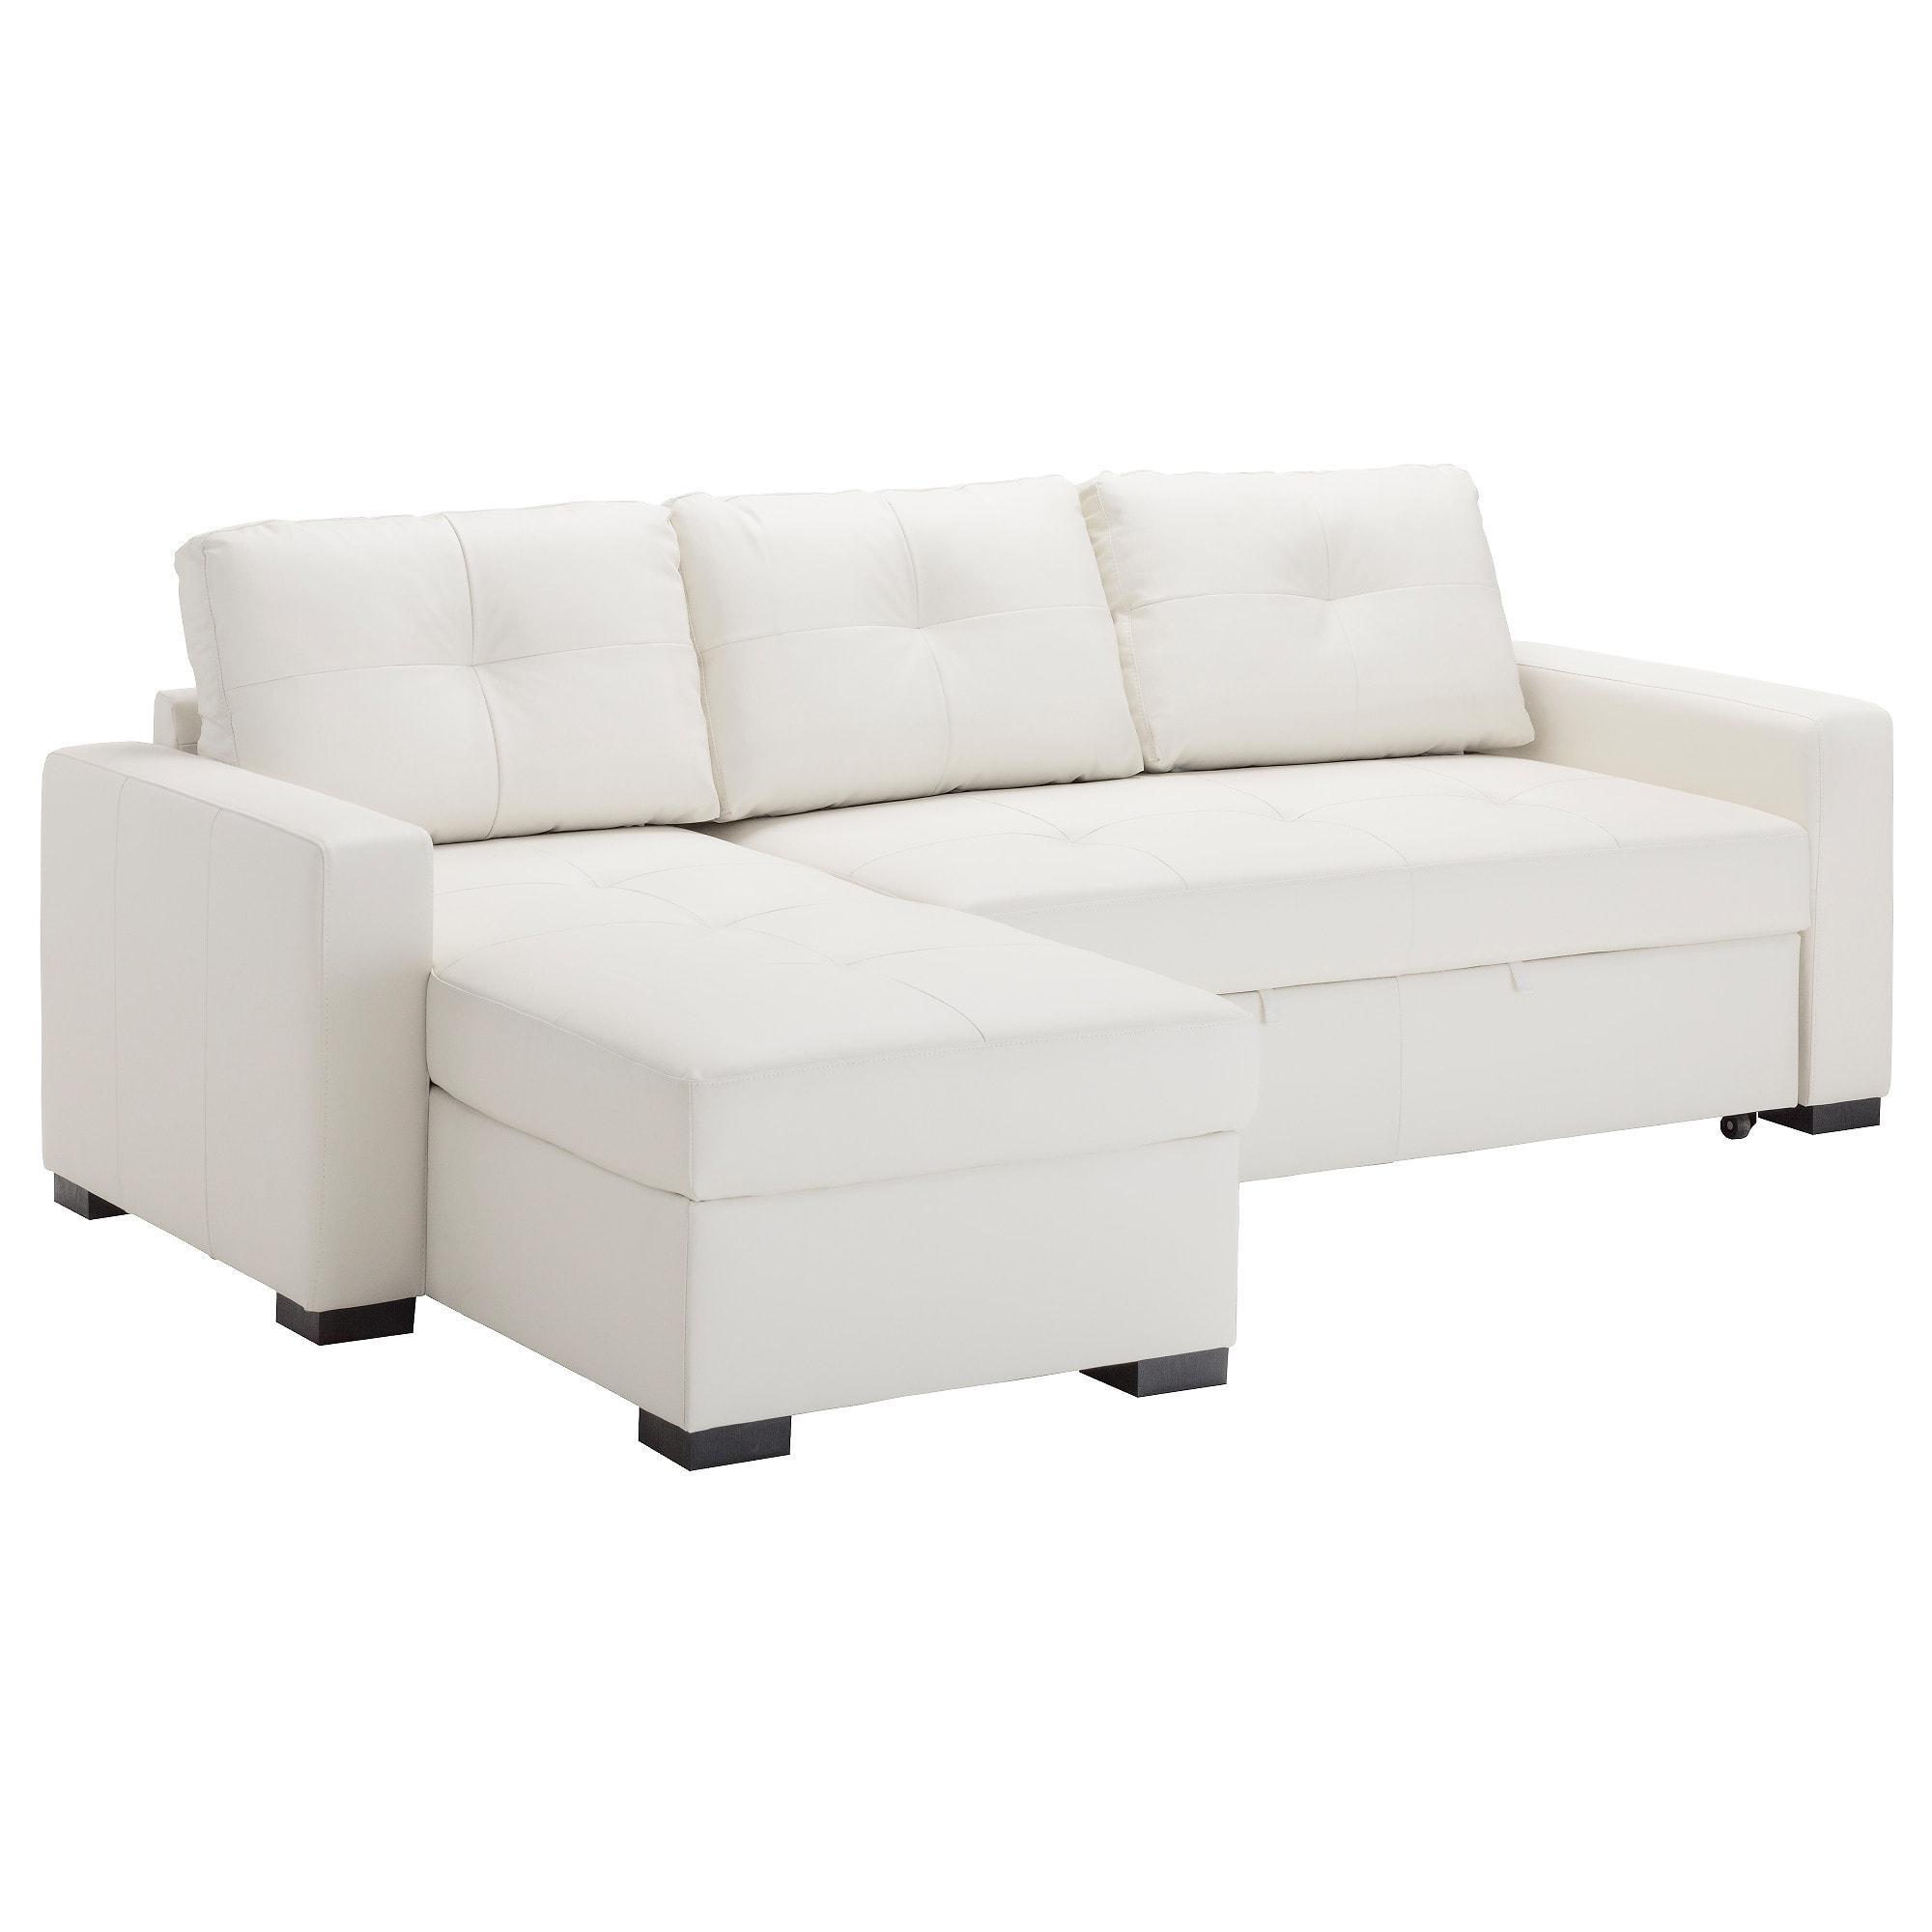 Sofa Cama Italiano Ikea Y7du sofà S Cama De Calidad Pra Online Ikea